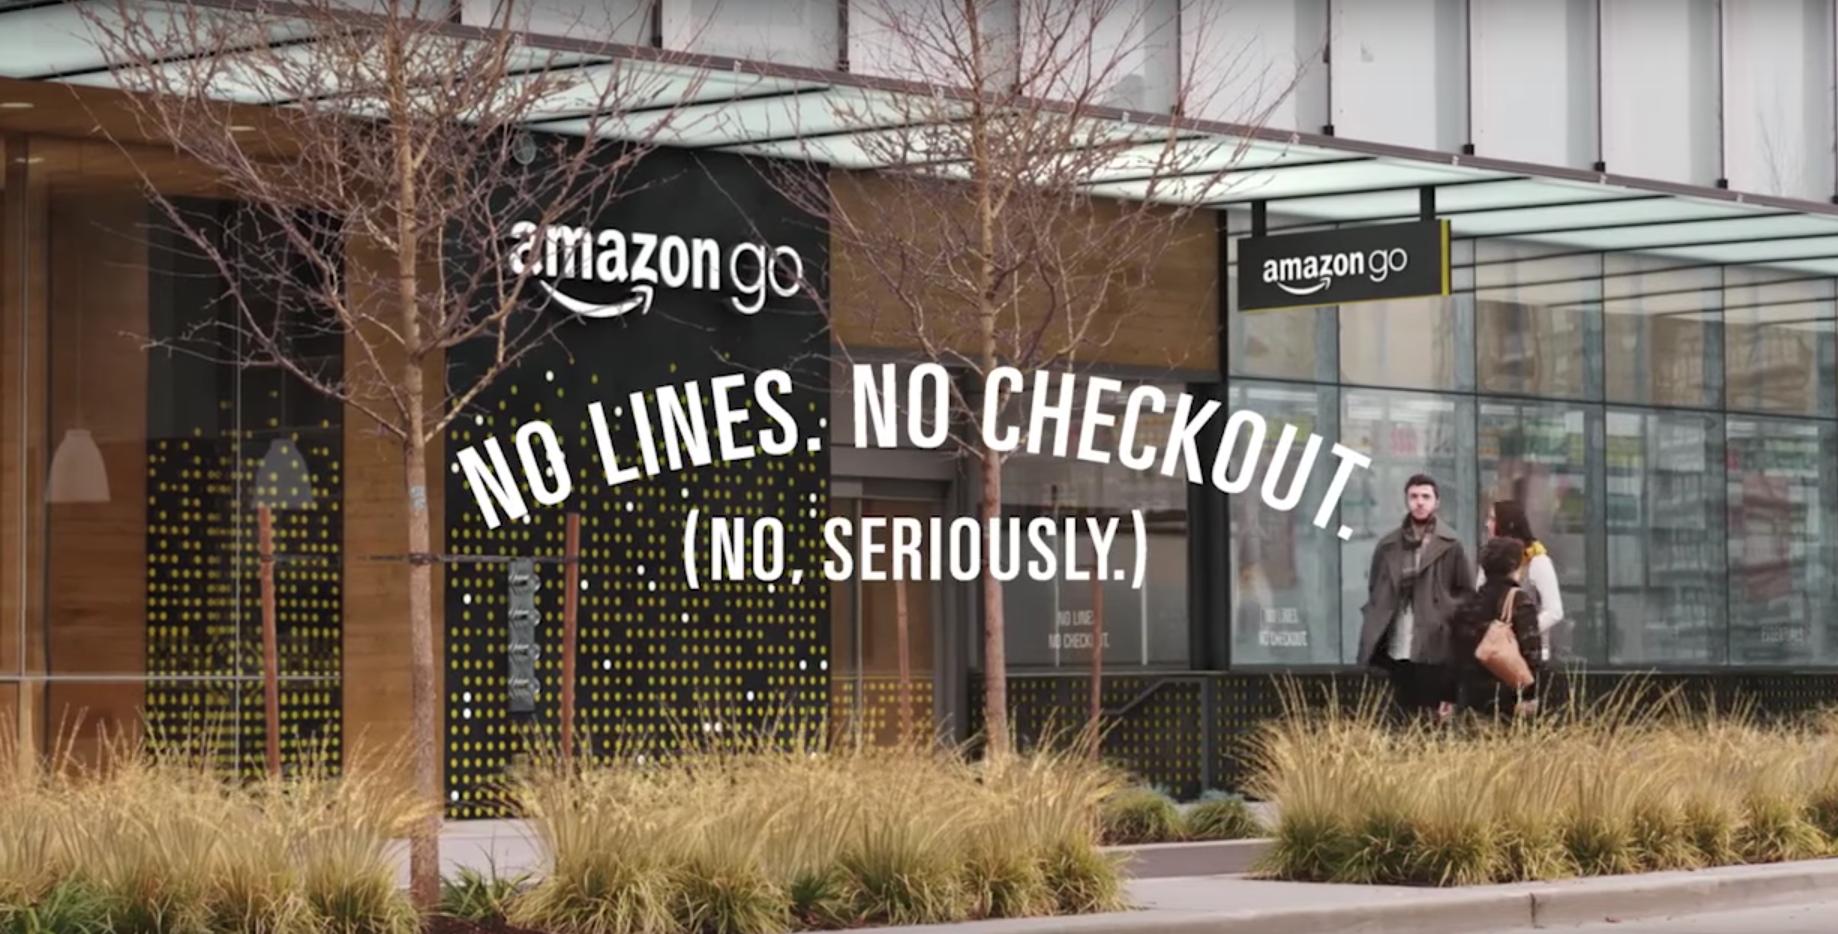 The new Amazon Go store.